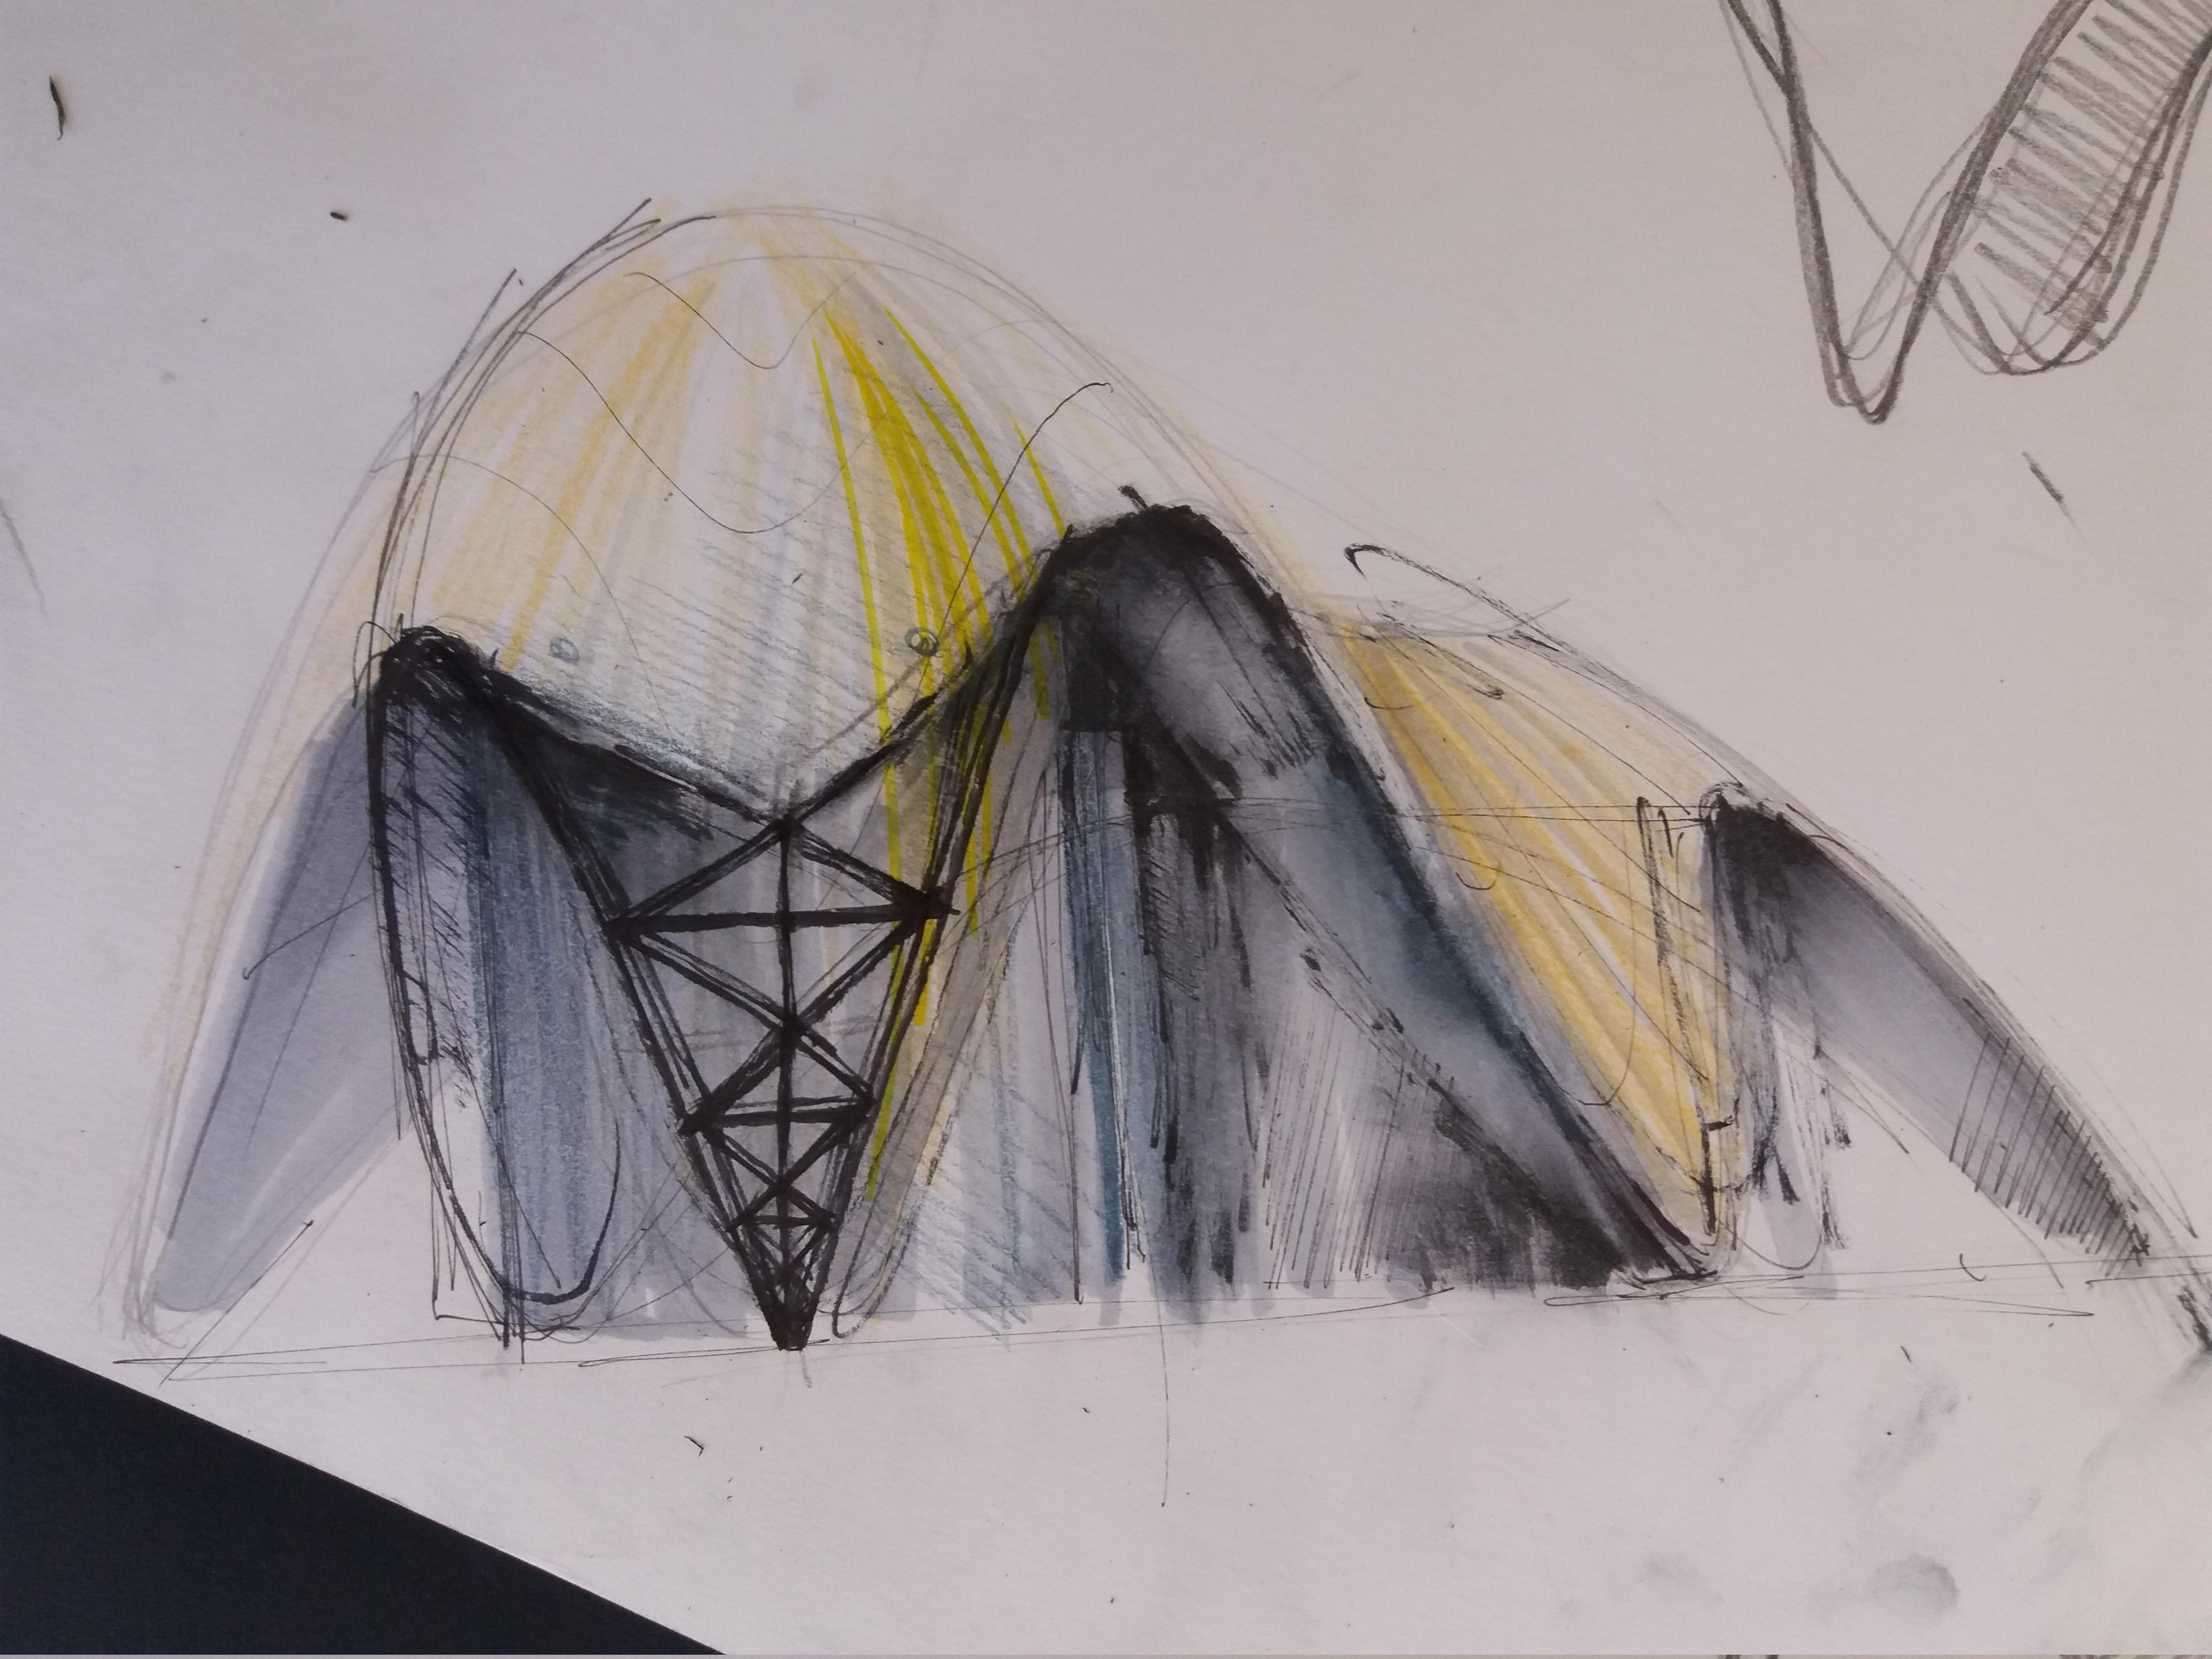 Эскиз. Ручная графика. Автор — Рахмонов Р.Р. Sketch. Handmade graphics. Author - Rahmonov R.R.